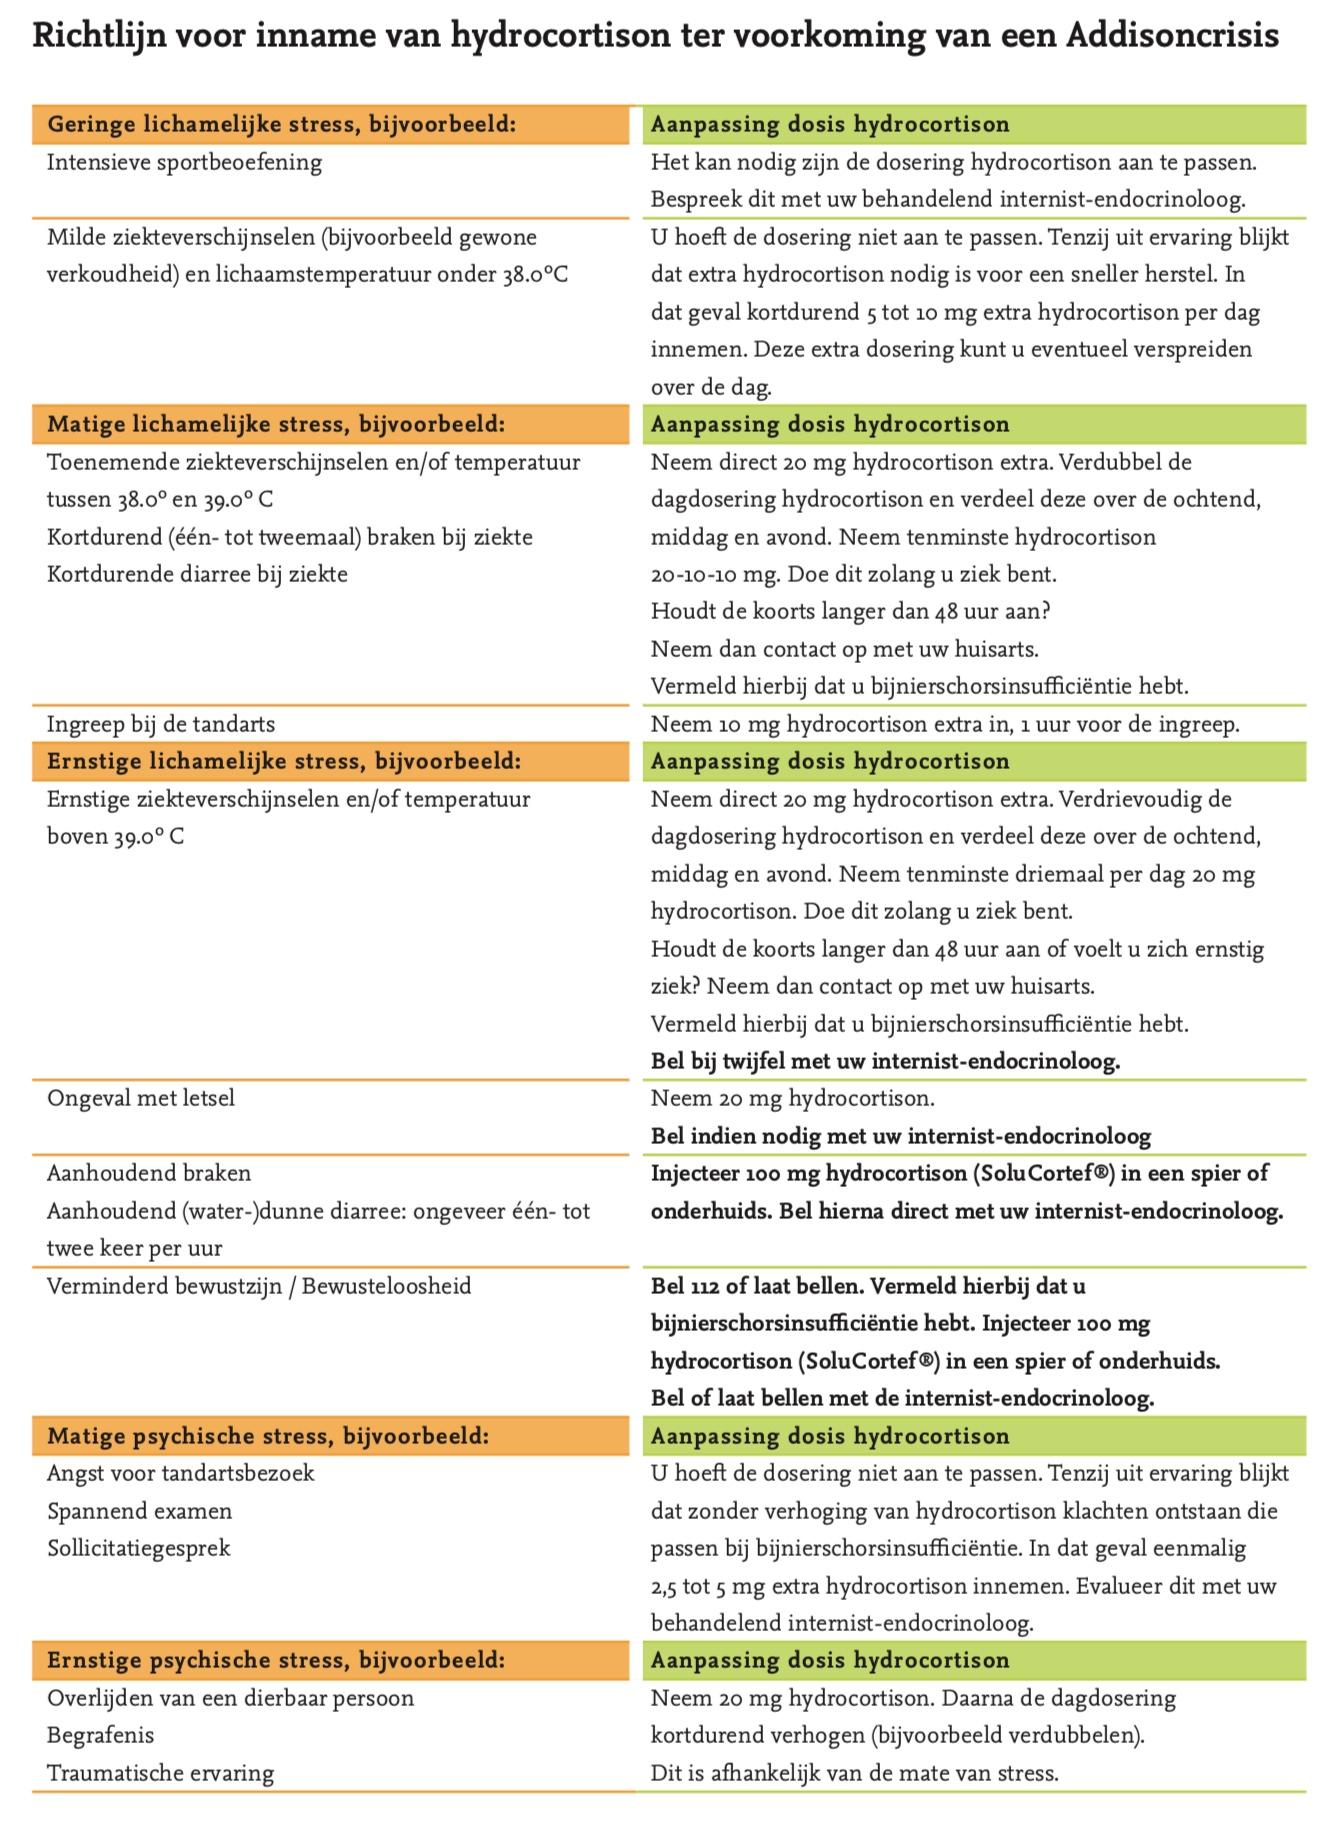 Stress-schema Hydrocortison